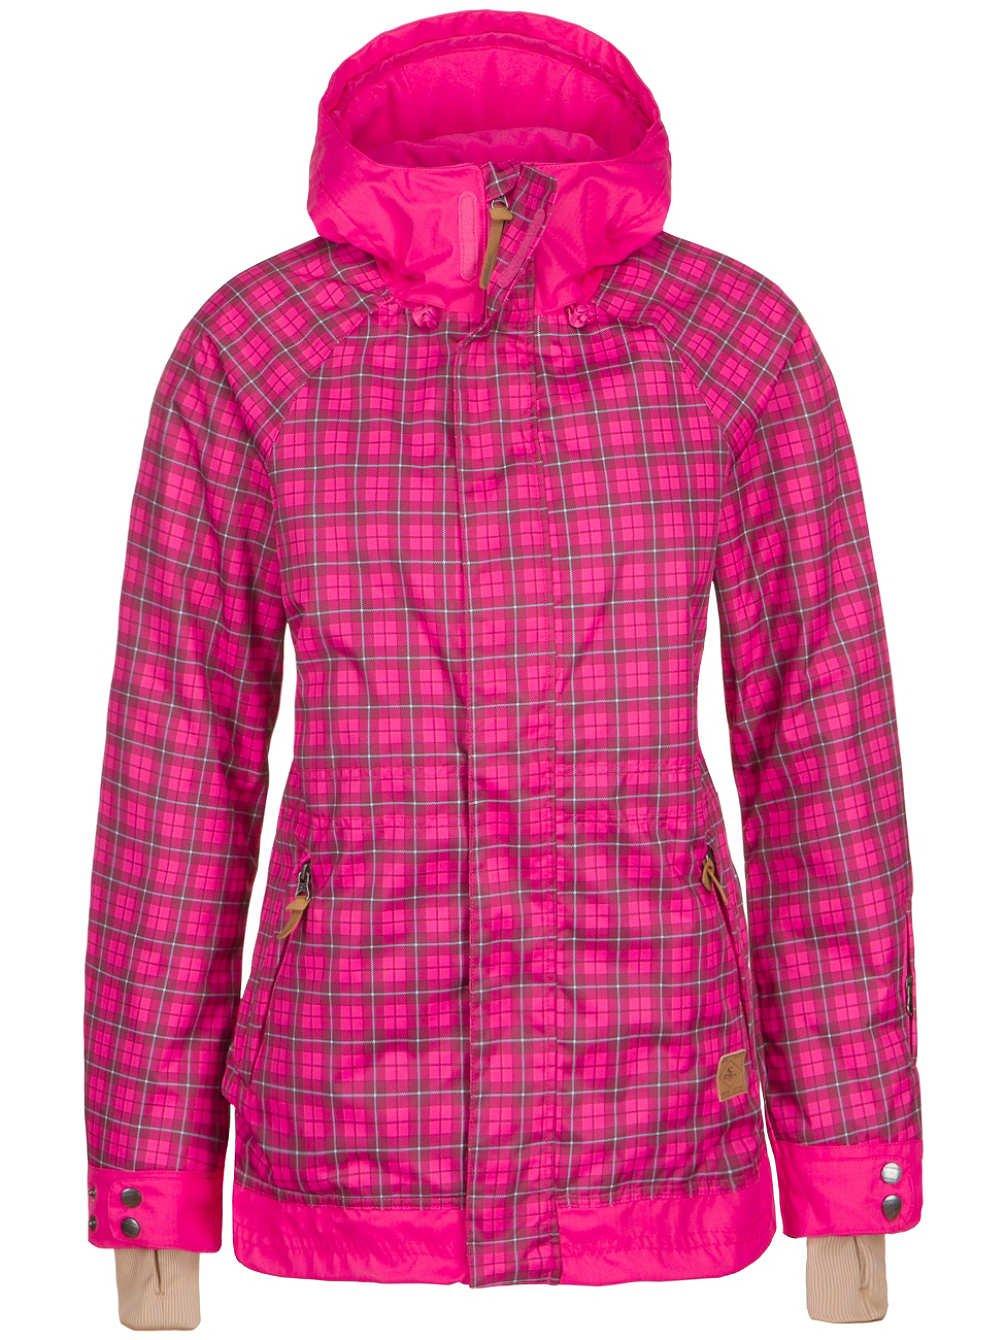 O'Neill Damen Snow Jacke PWFR Peridot Jacket kaufen